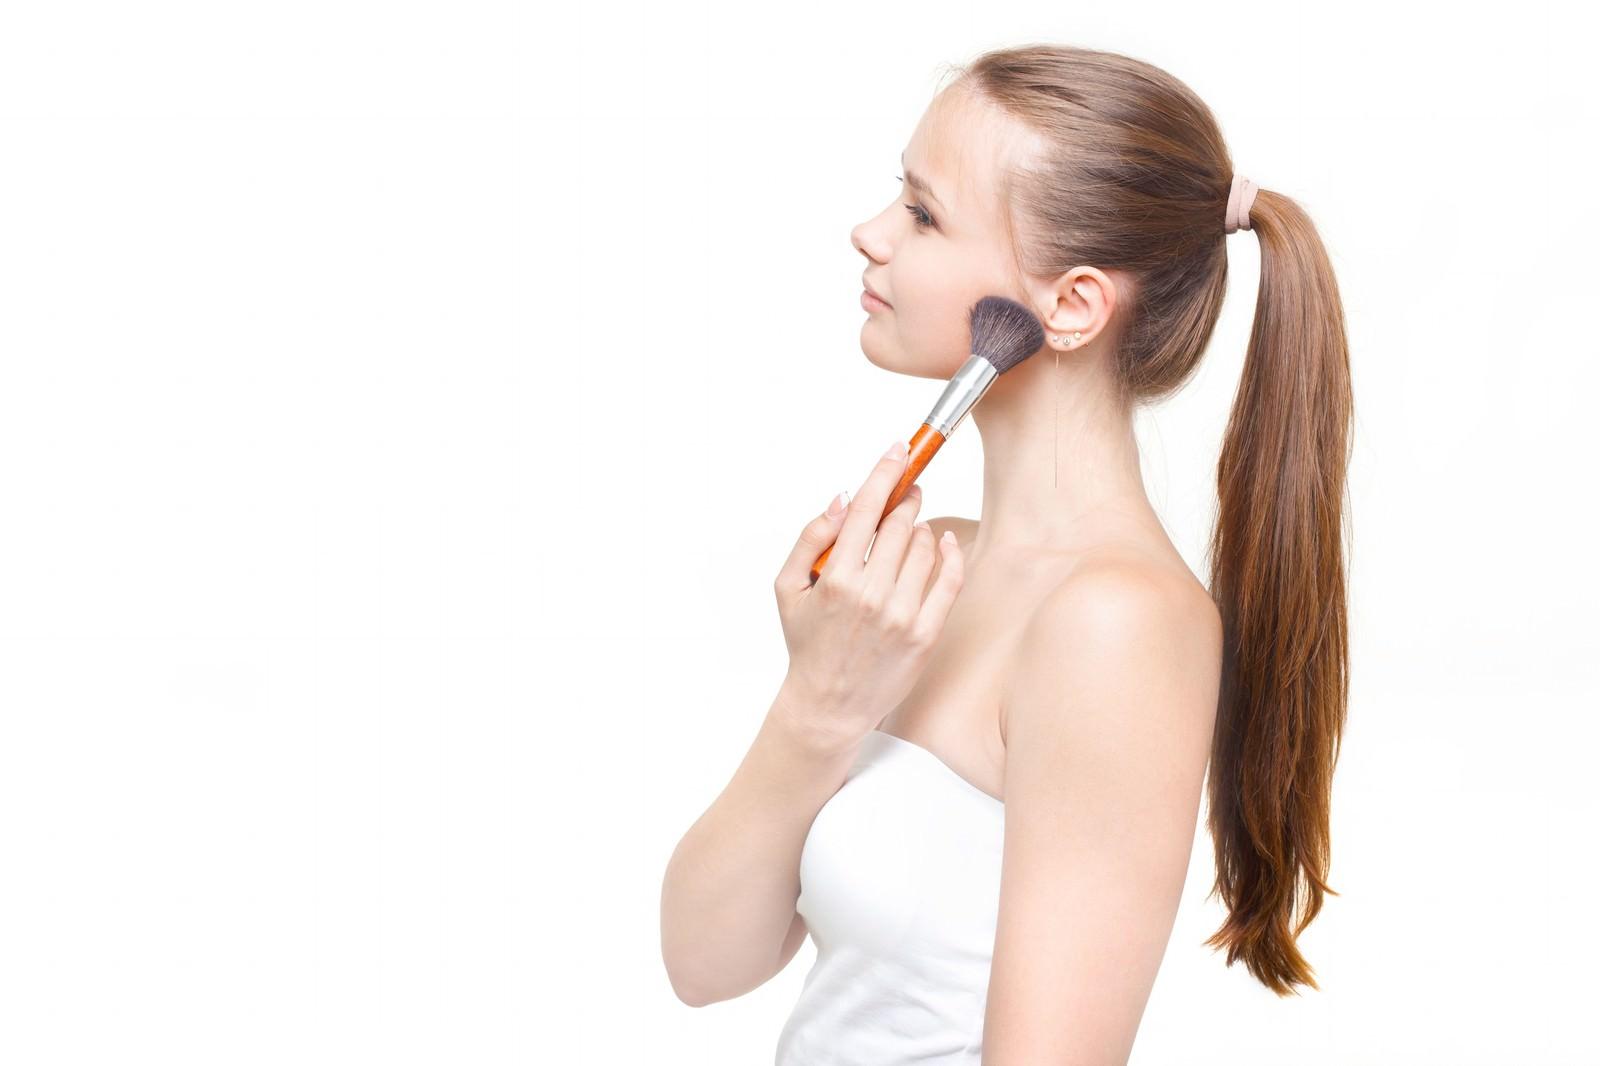 「顎にチークブラシを当てる横顔の外国人女性」の写真[モデル:モデルファクトリー]